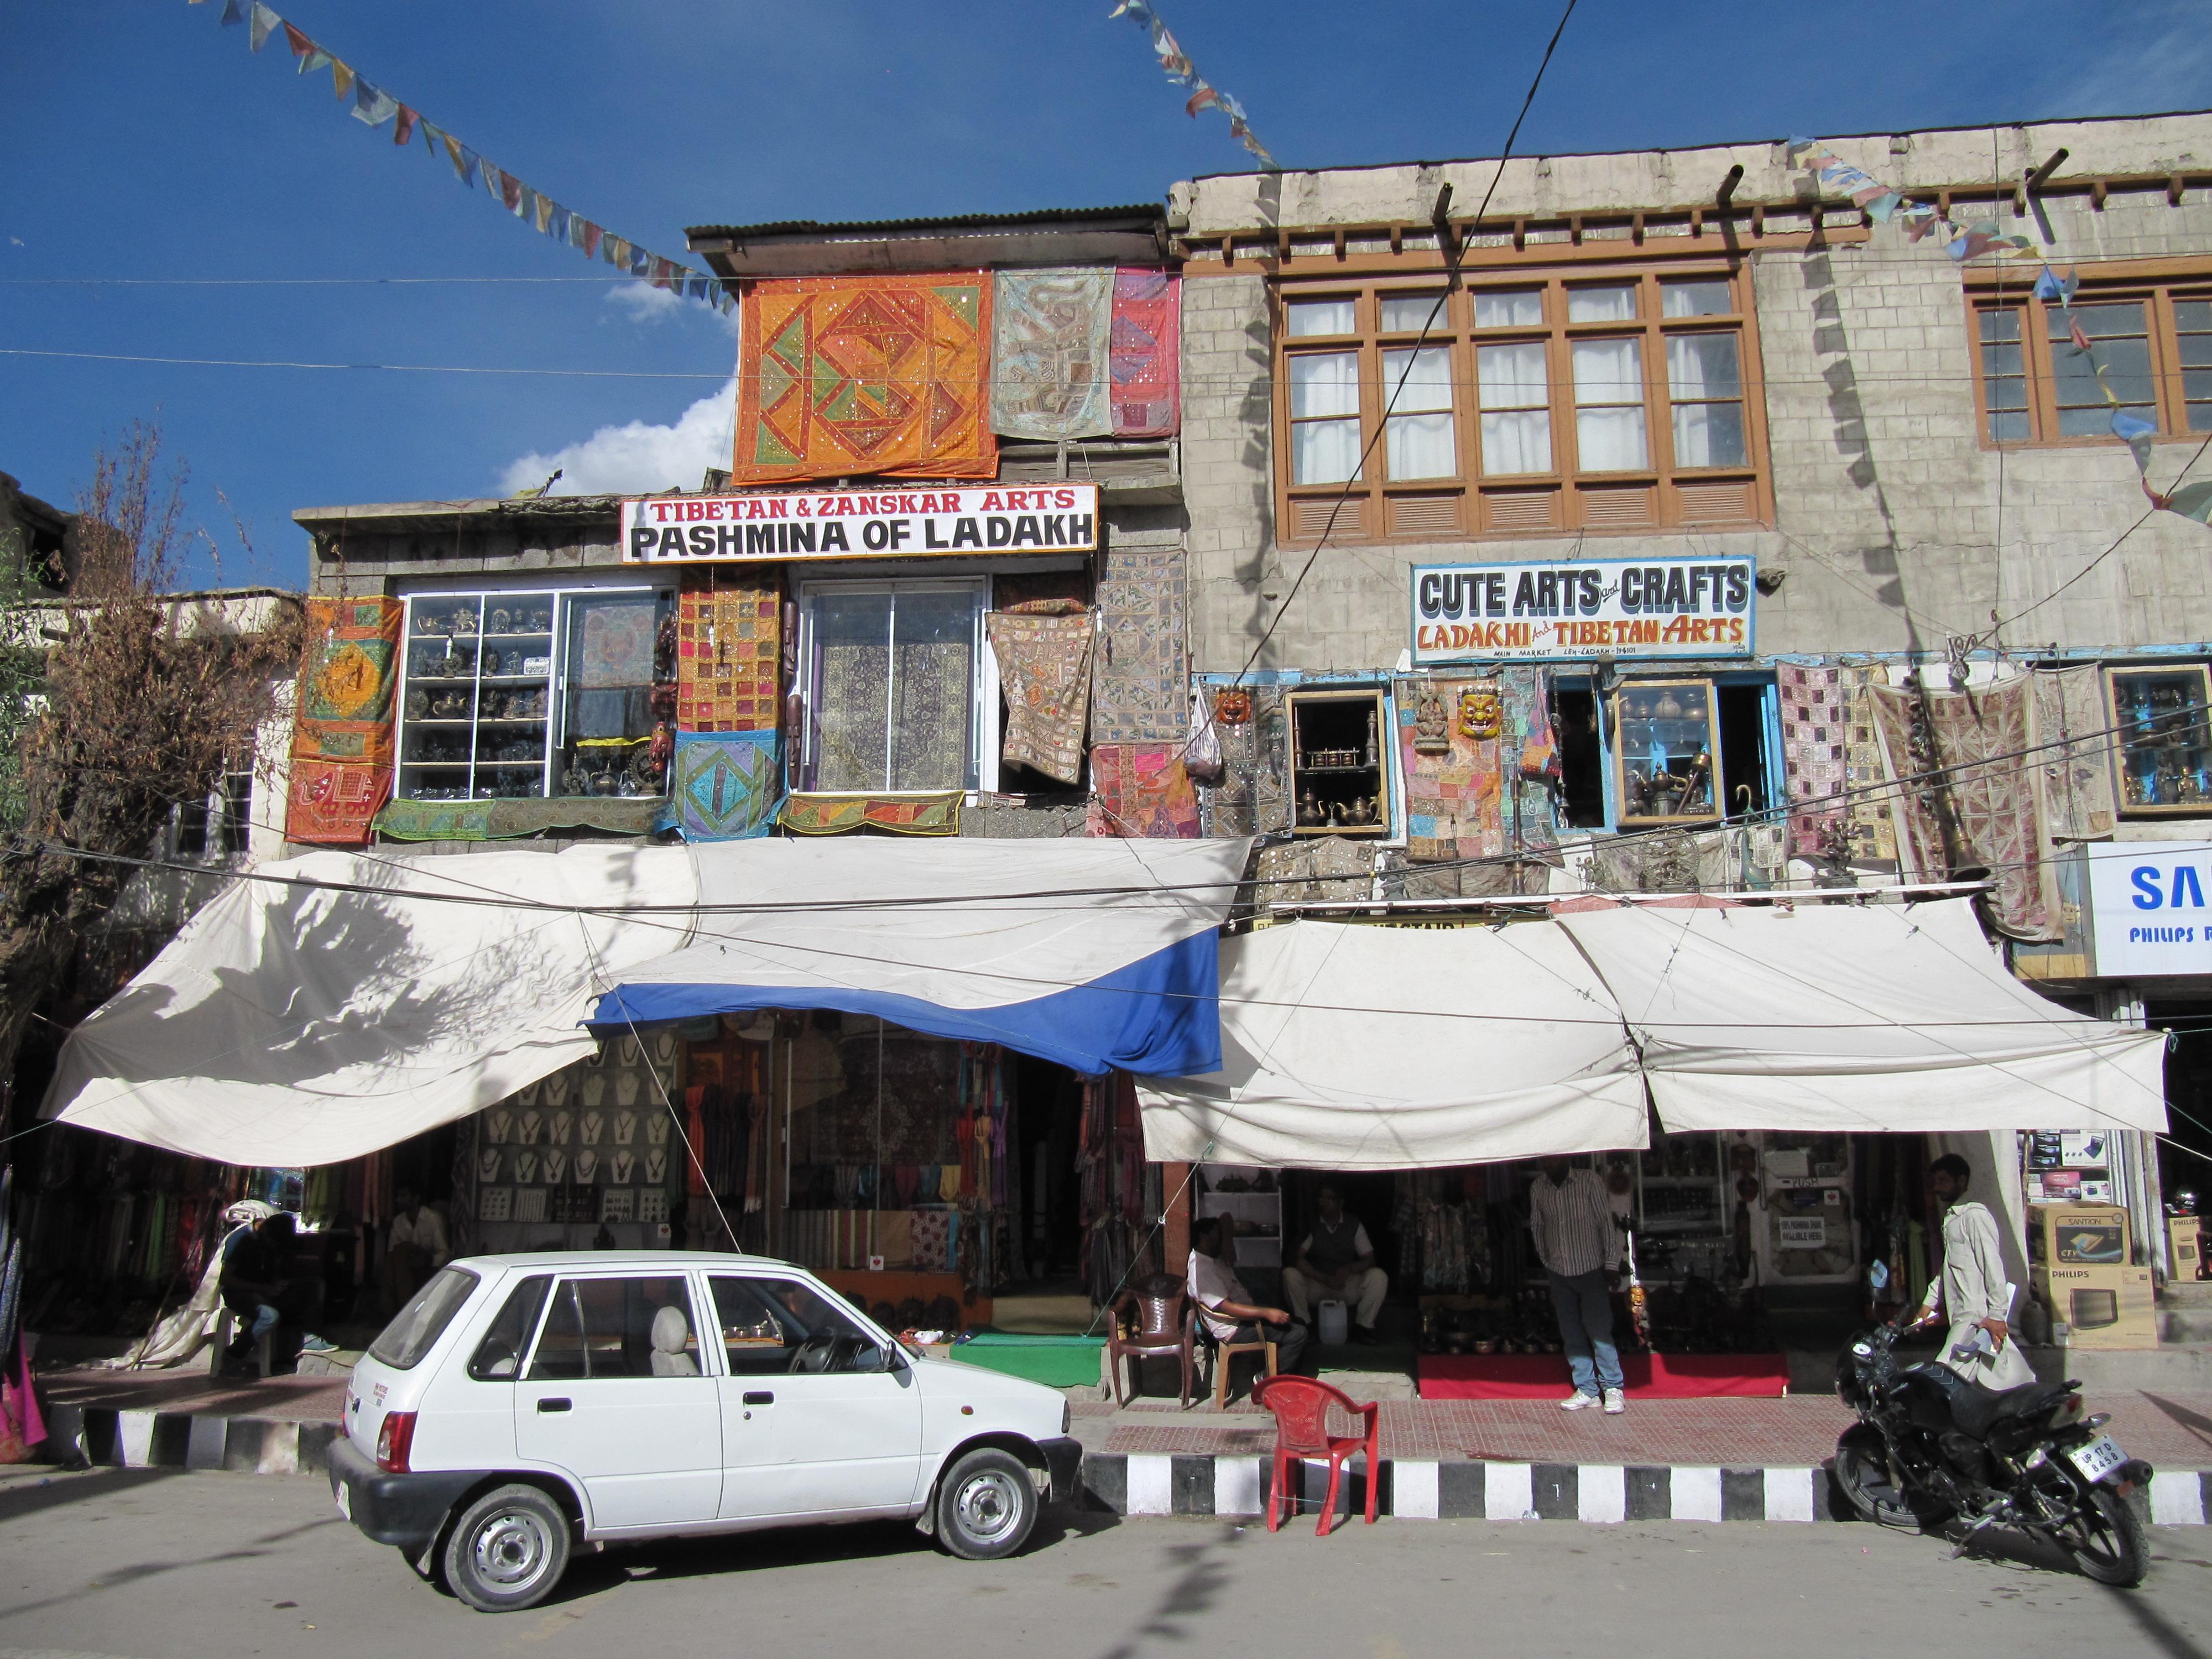 Rue Main Bazaar, Leh, Inde, 5 juillet 2013